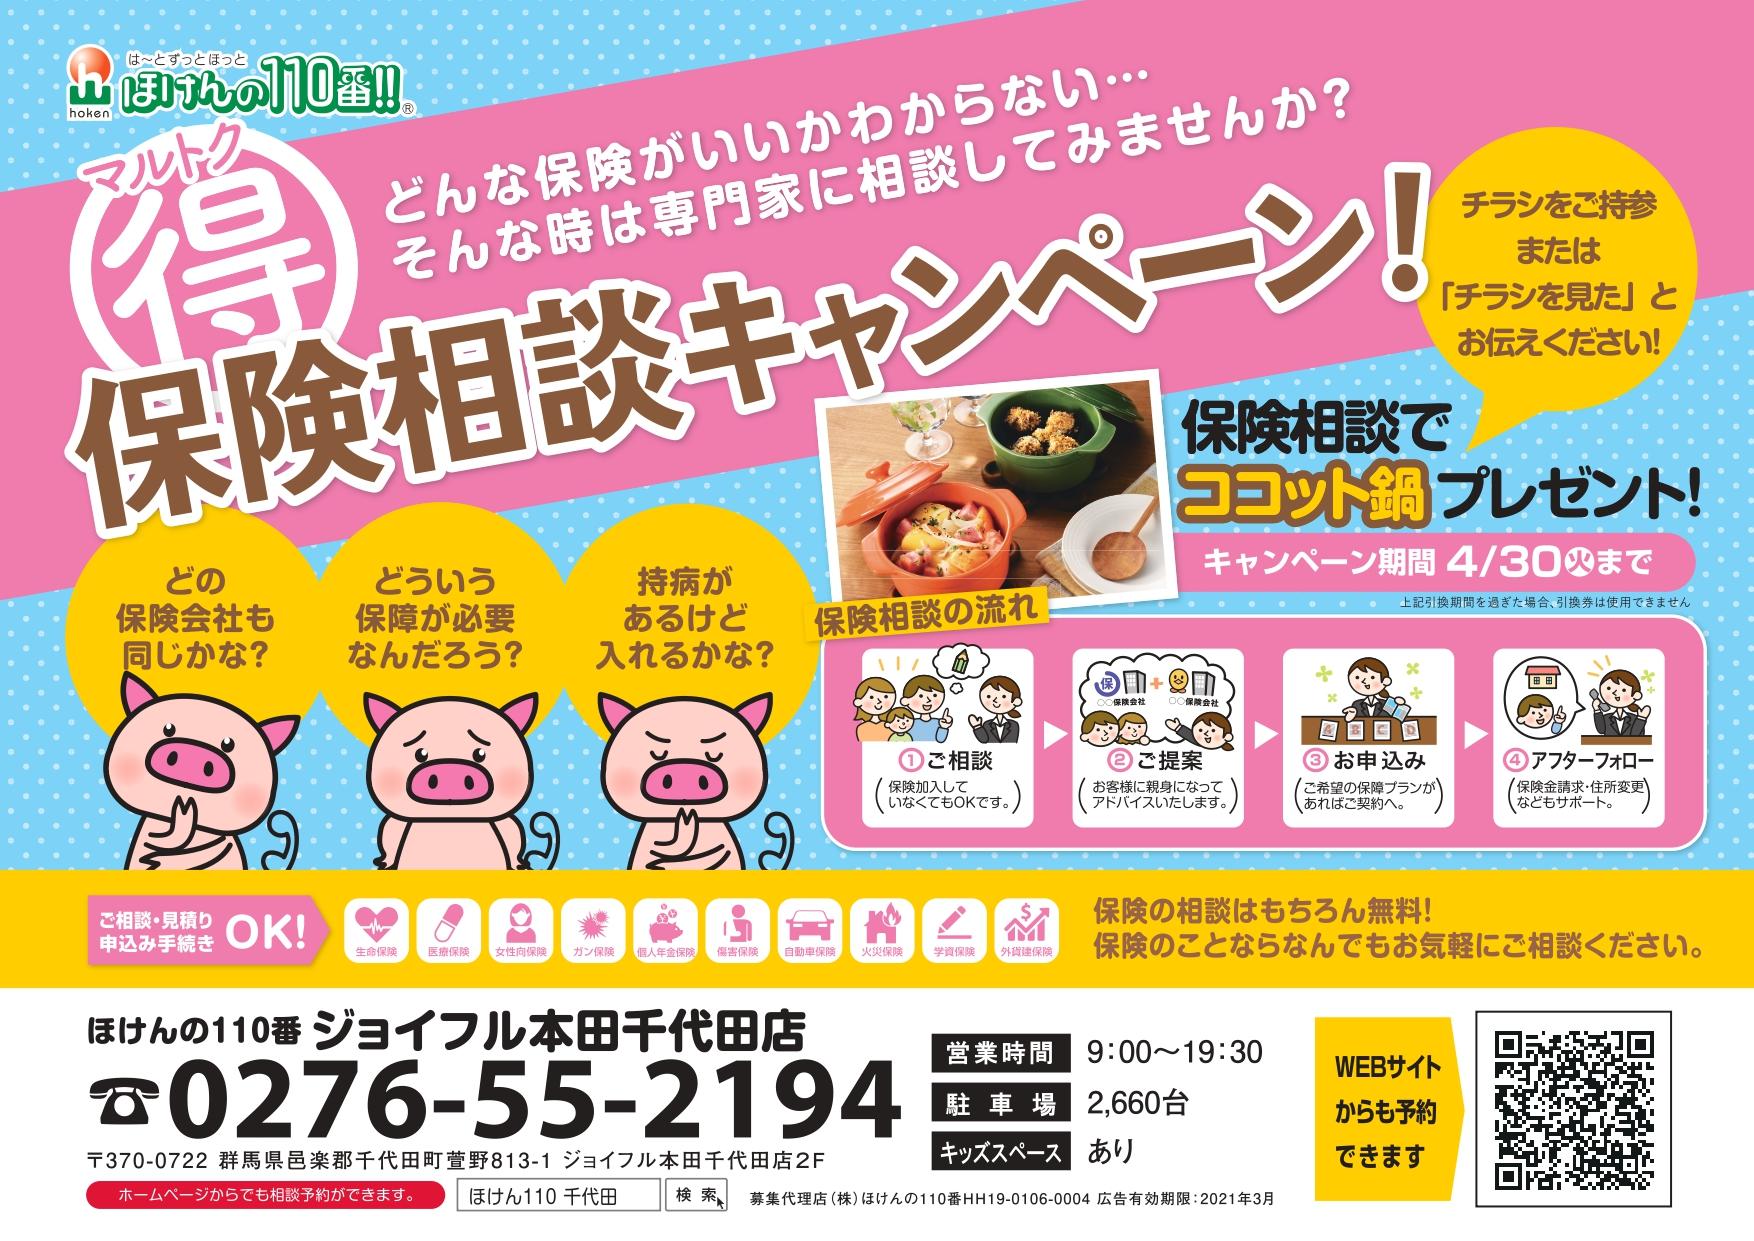 2019.3月保険相談キャンペーンチラシ_page-0001.jpg